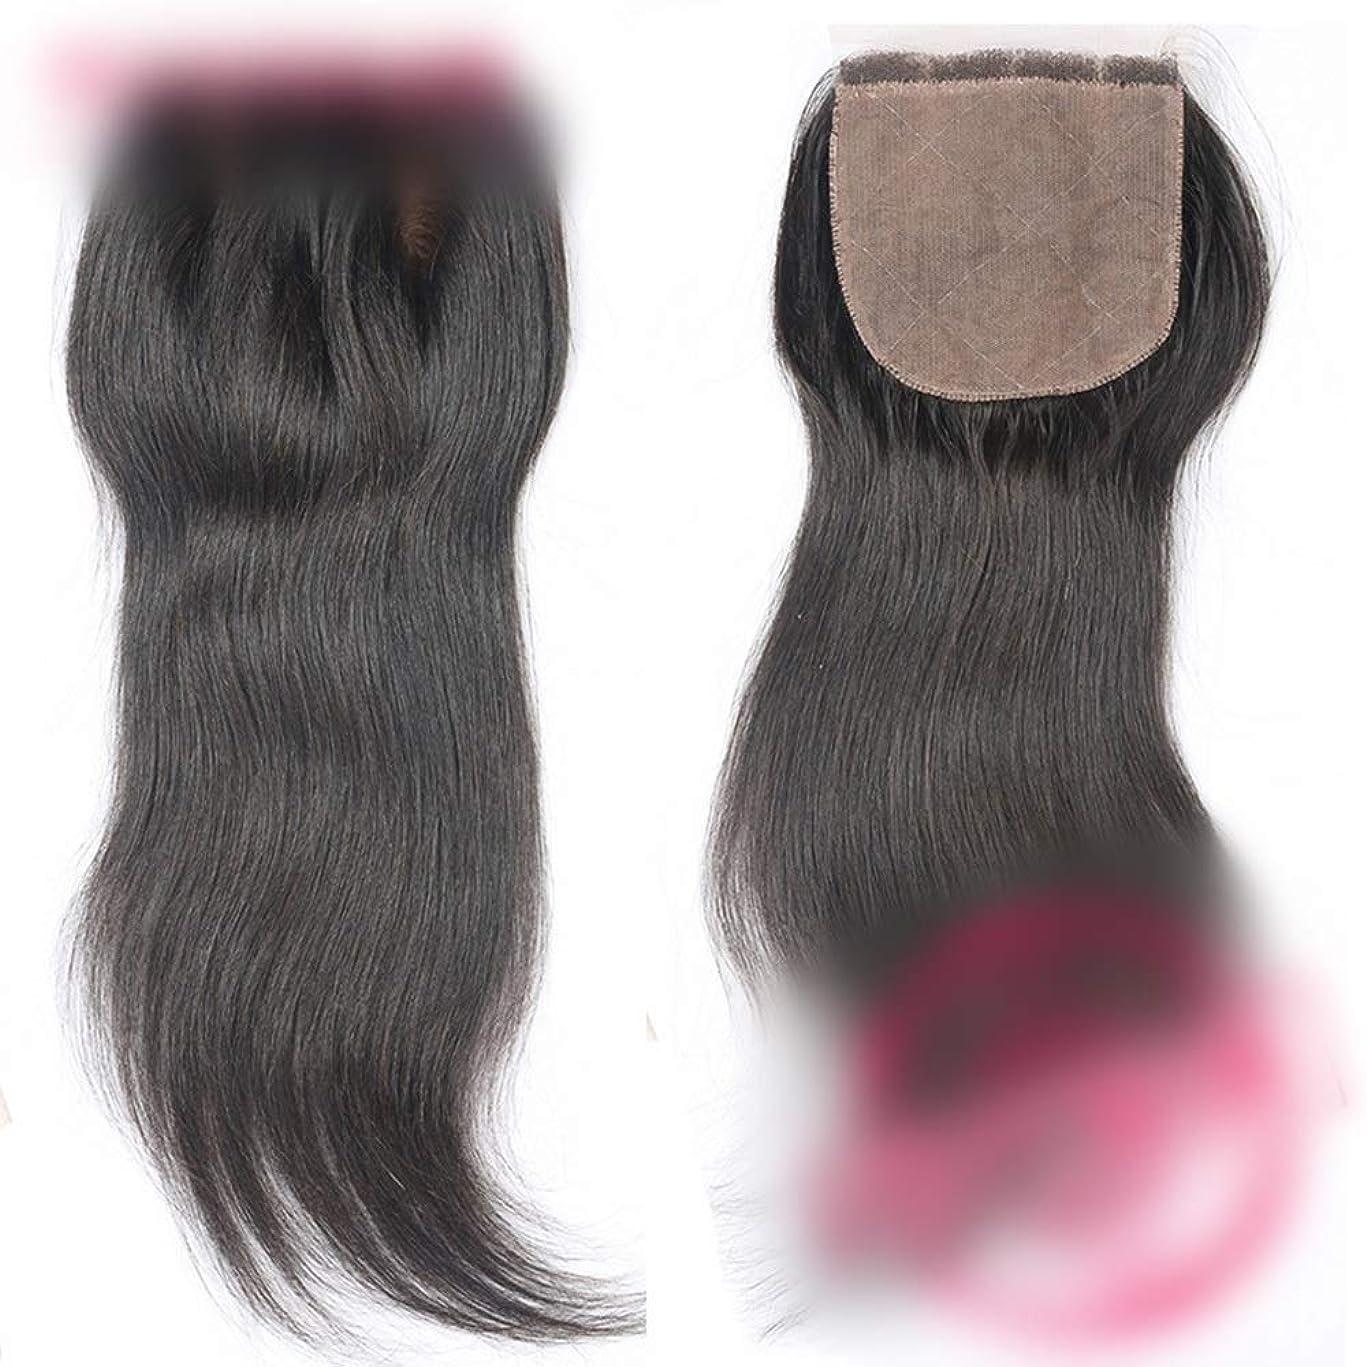 マニアック究極の合併症Yrattary ストレート人間の髪の毛の閉鎖ブラジルのリアルヘアフリーパート4 * 4レースの閉鎖ヘアエクステンションナチュラルカラー複合ヘアレースかつらロールプレイングかつら (色 : 黒, サイズ : 20 inch)